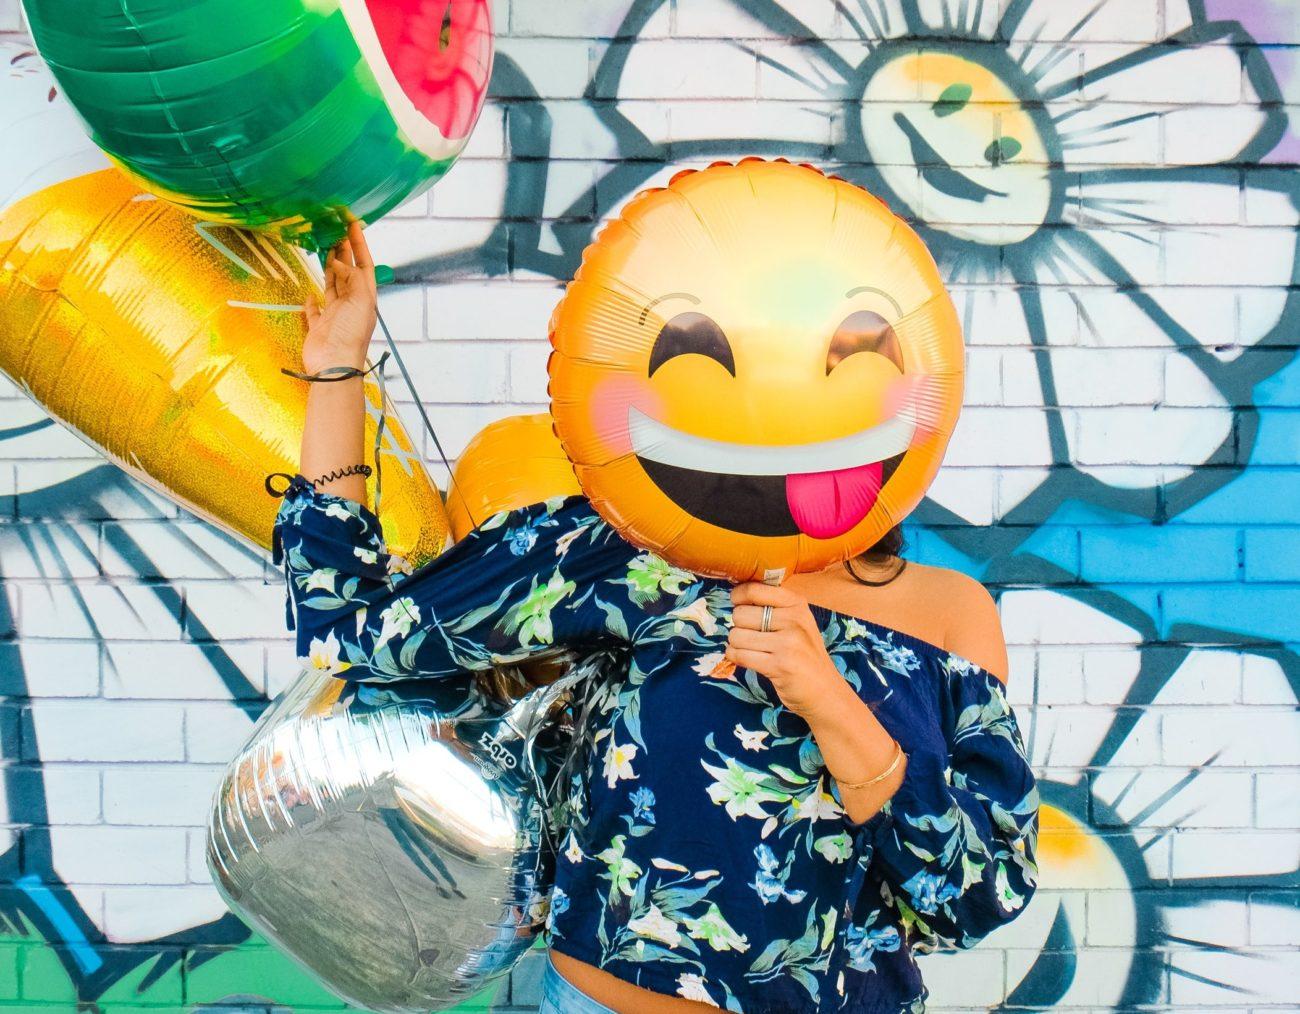 changes fear fear of changes Ksenia Andryschenko Personal Growth Елена Устинова личностный рост перемены саморазвитрие страх страх перемен, Впустить в жизнь свежий ветер! Почему пугают перемены и как их принять?, psychologies.today